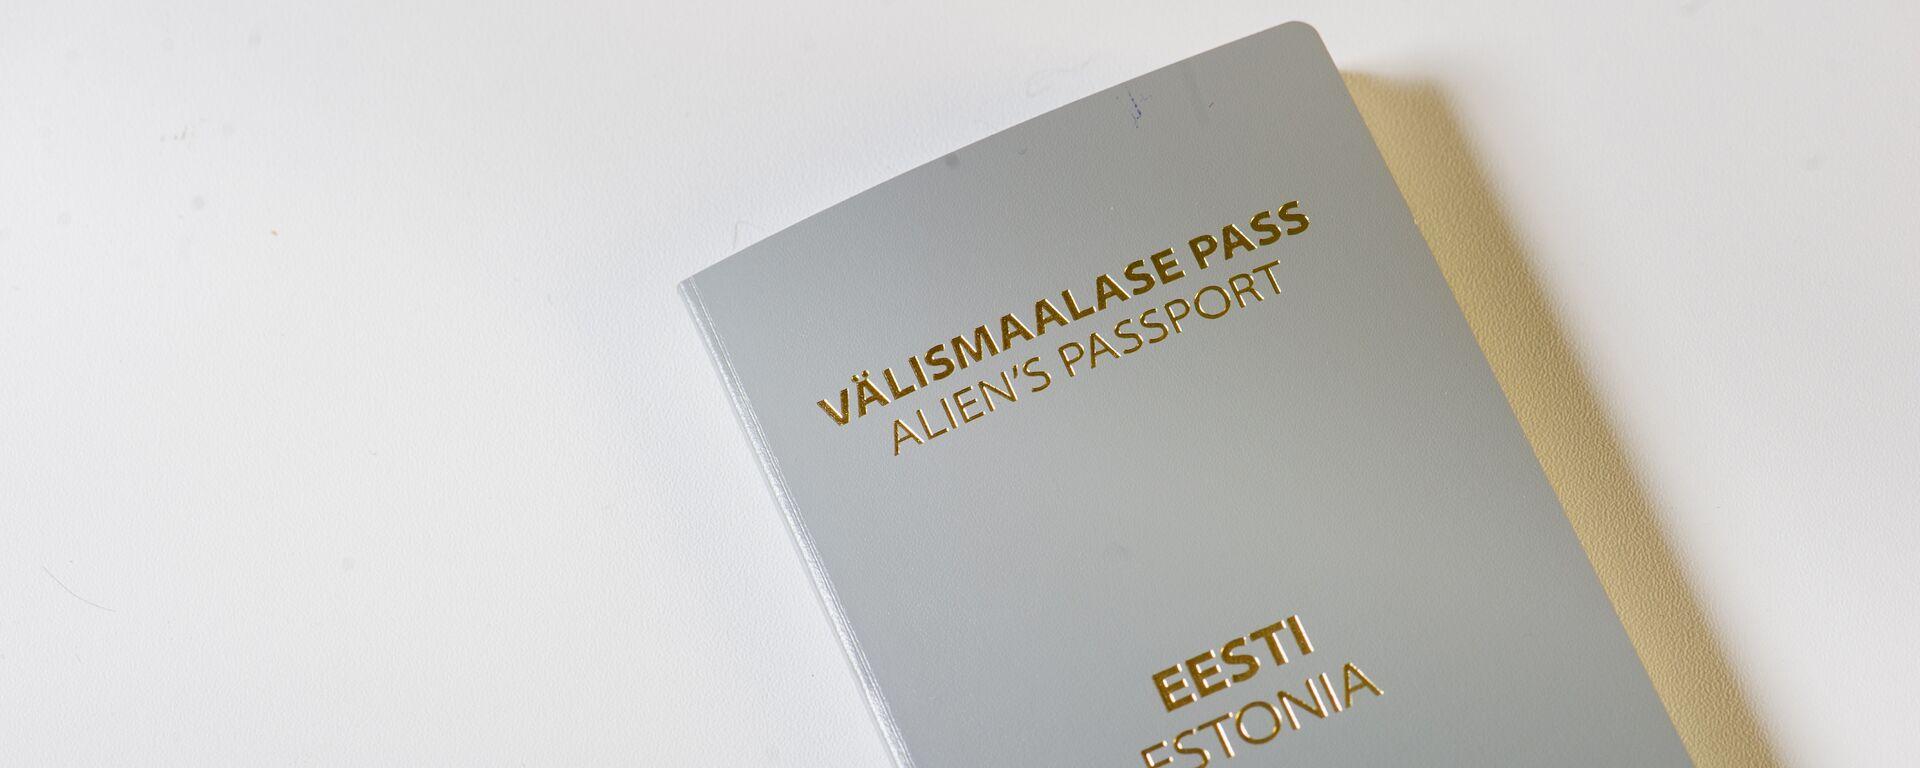 Серый паспорт негражданина Эстонии - Sputnik Латвия, 1920, 15.06.2021